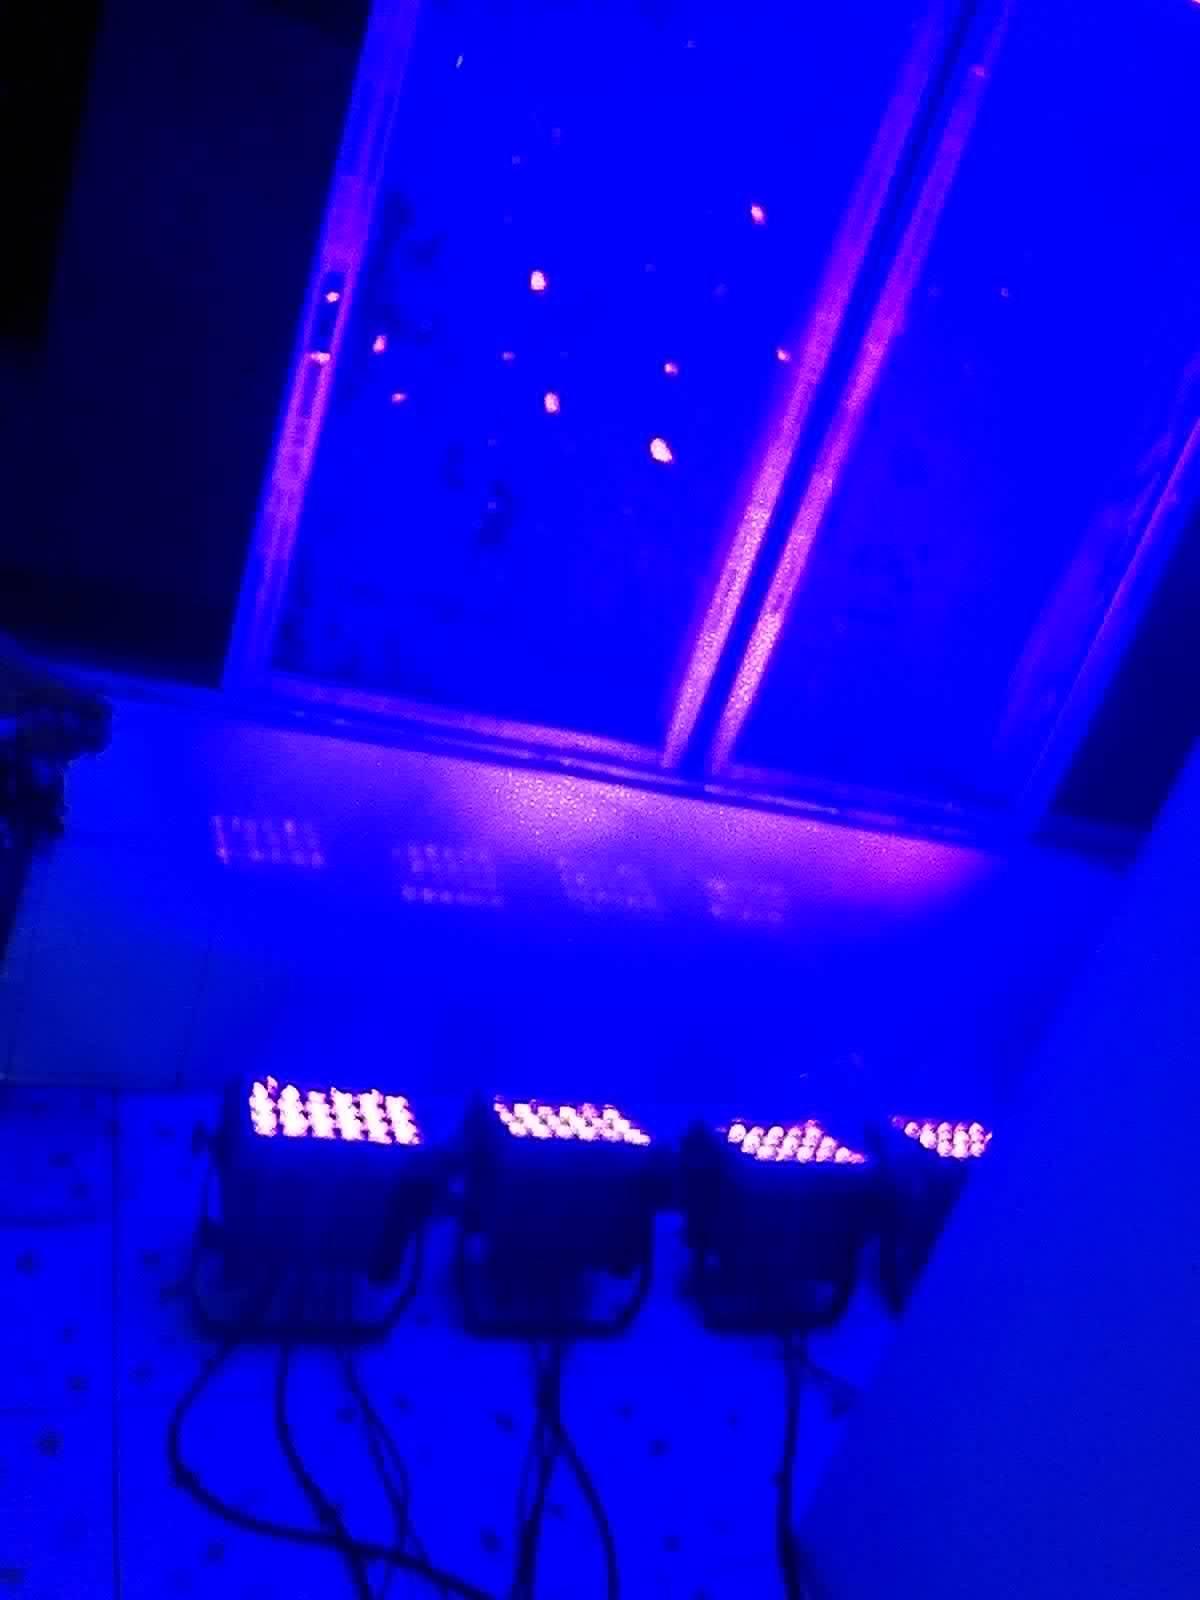 New 24PCS*10W RGBW 4in1 Waterproof LED PAR Light & Effect Light